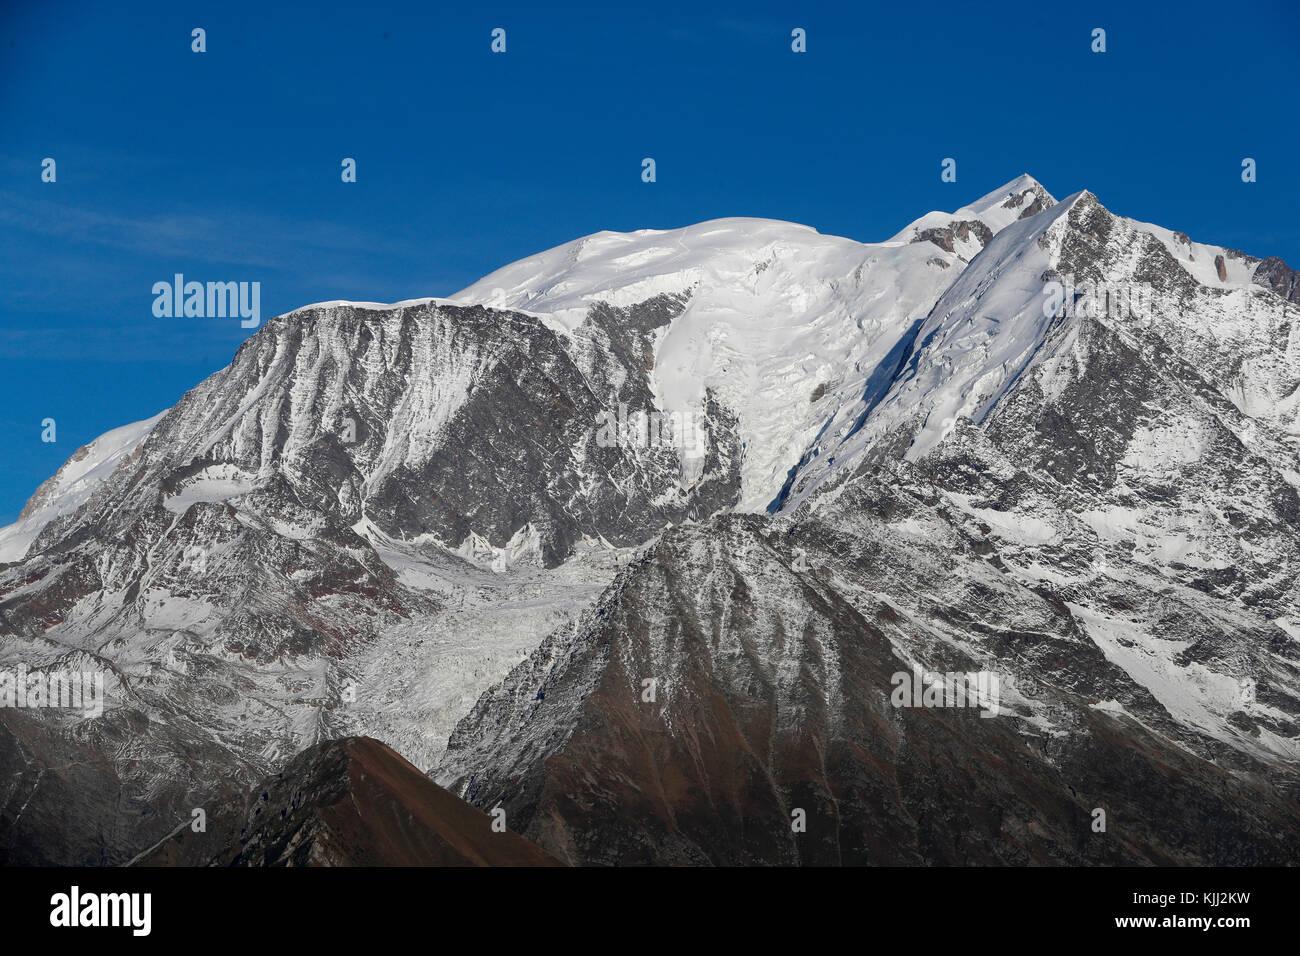 Die französischen Alpen. Mont-Blanc Massiv. Frankreich. Stockbild